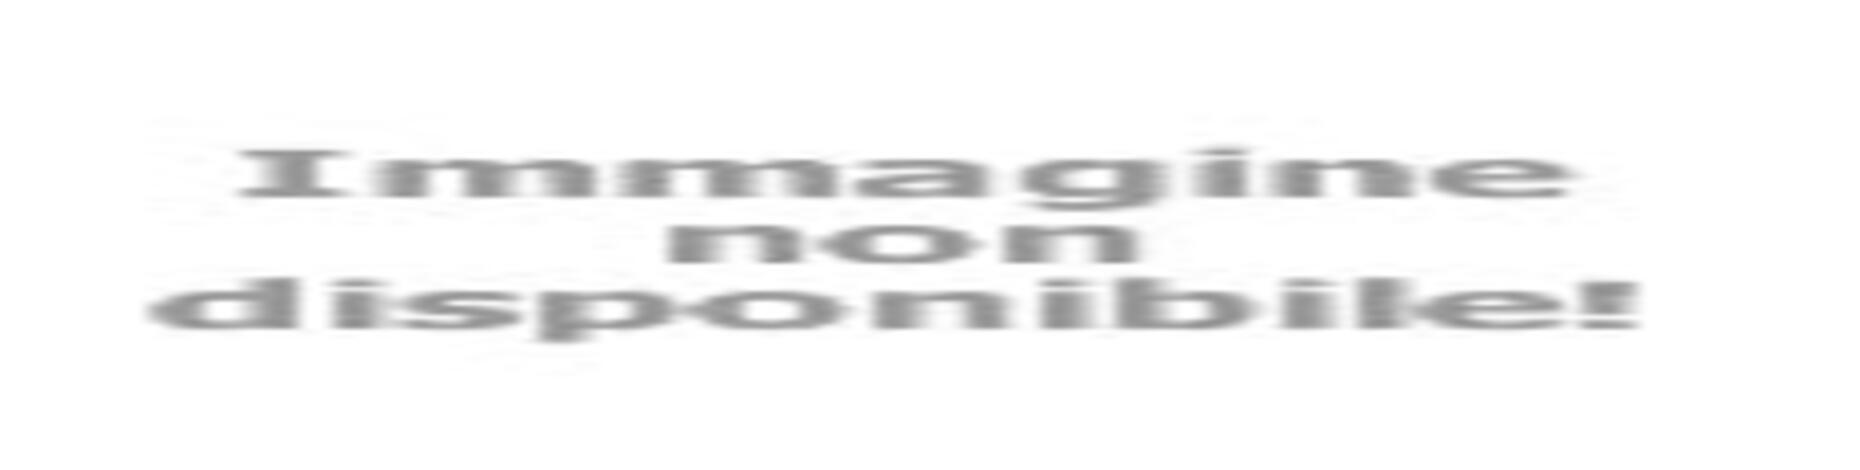 Offerta soggiorno per mostra Fellini 100 a Rimini in Boutique Hotel ideale per coppie